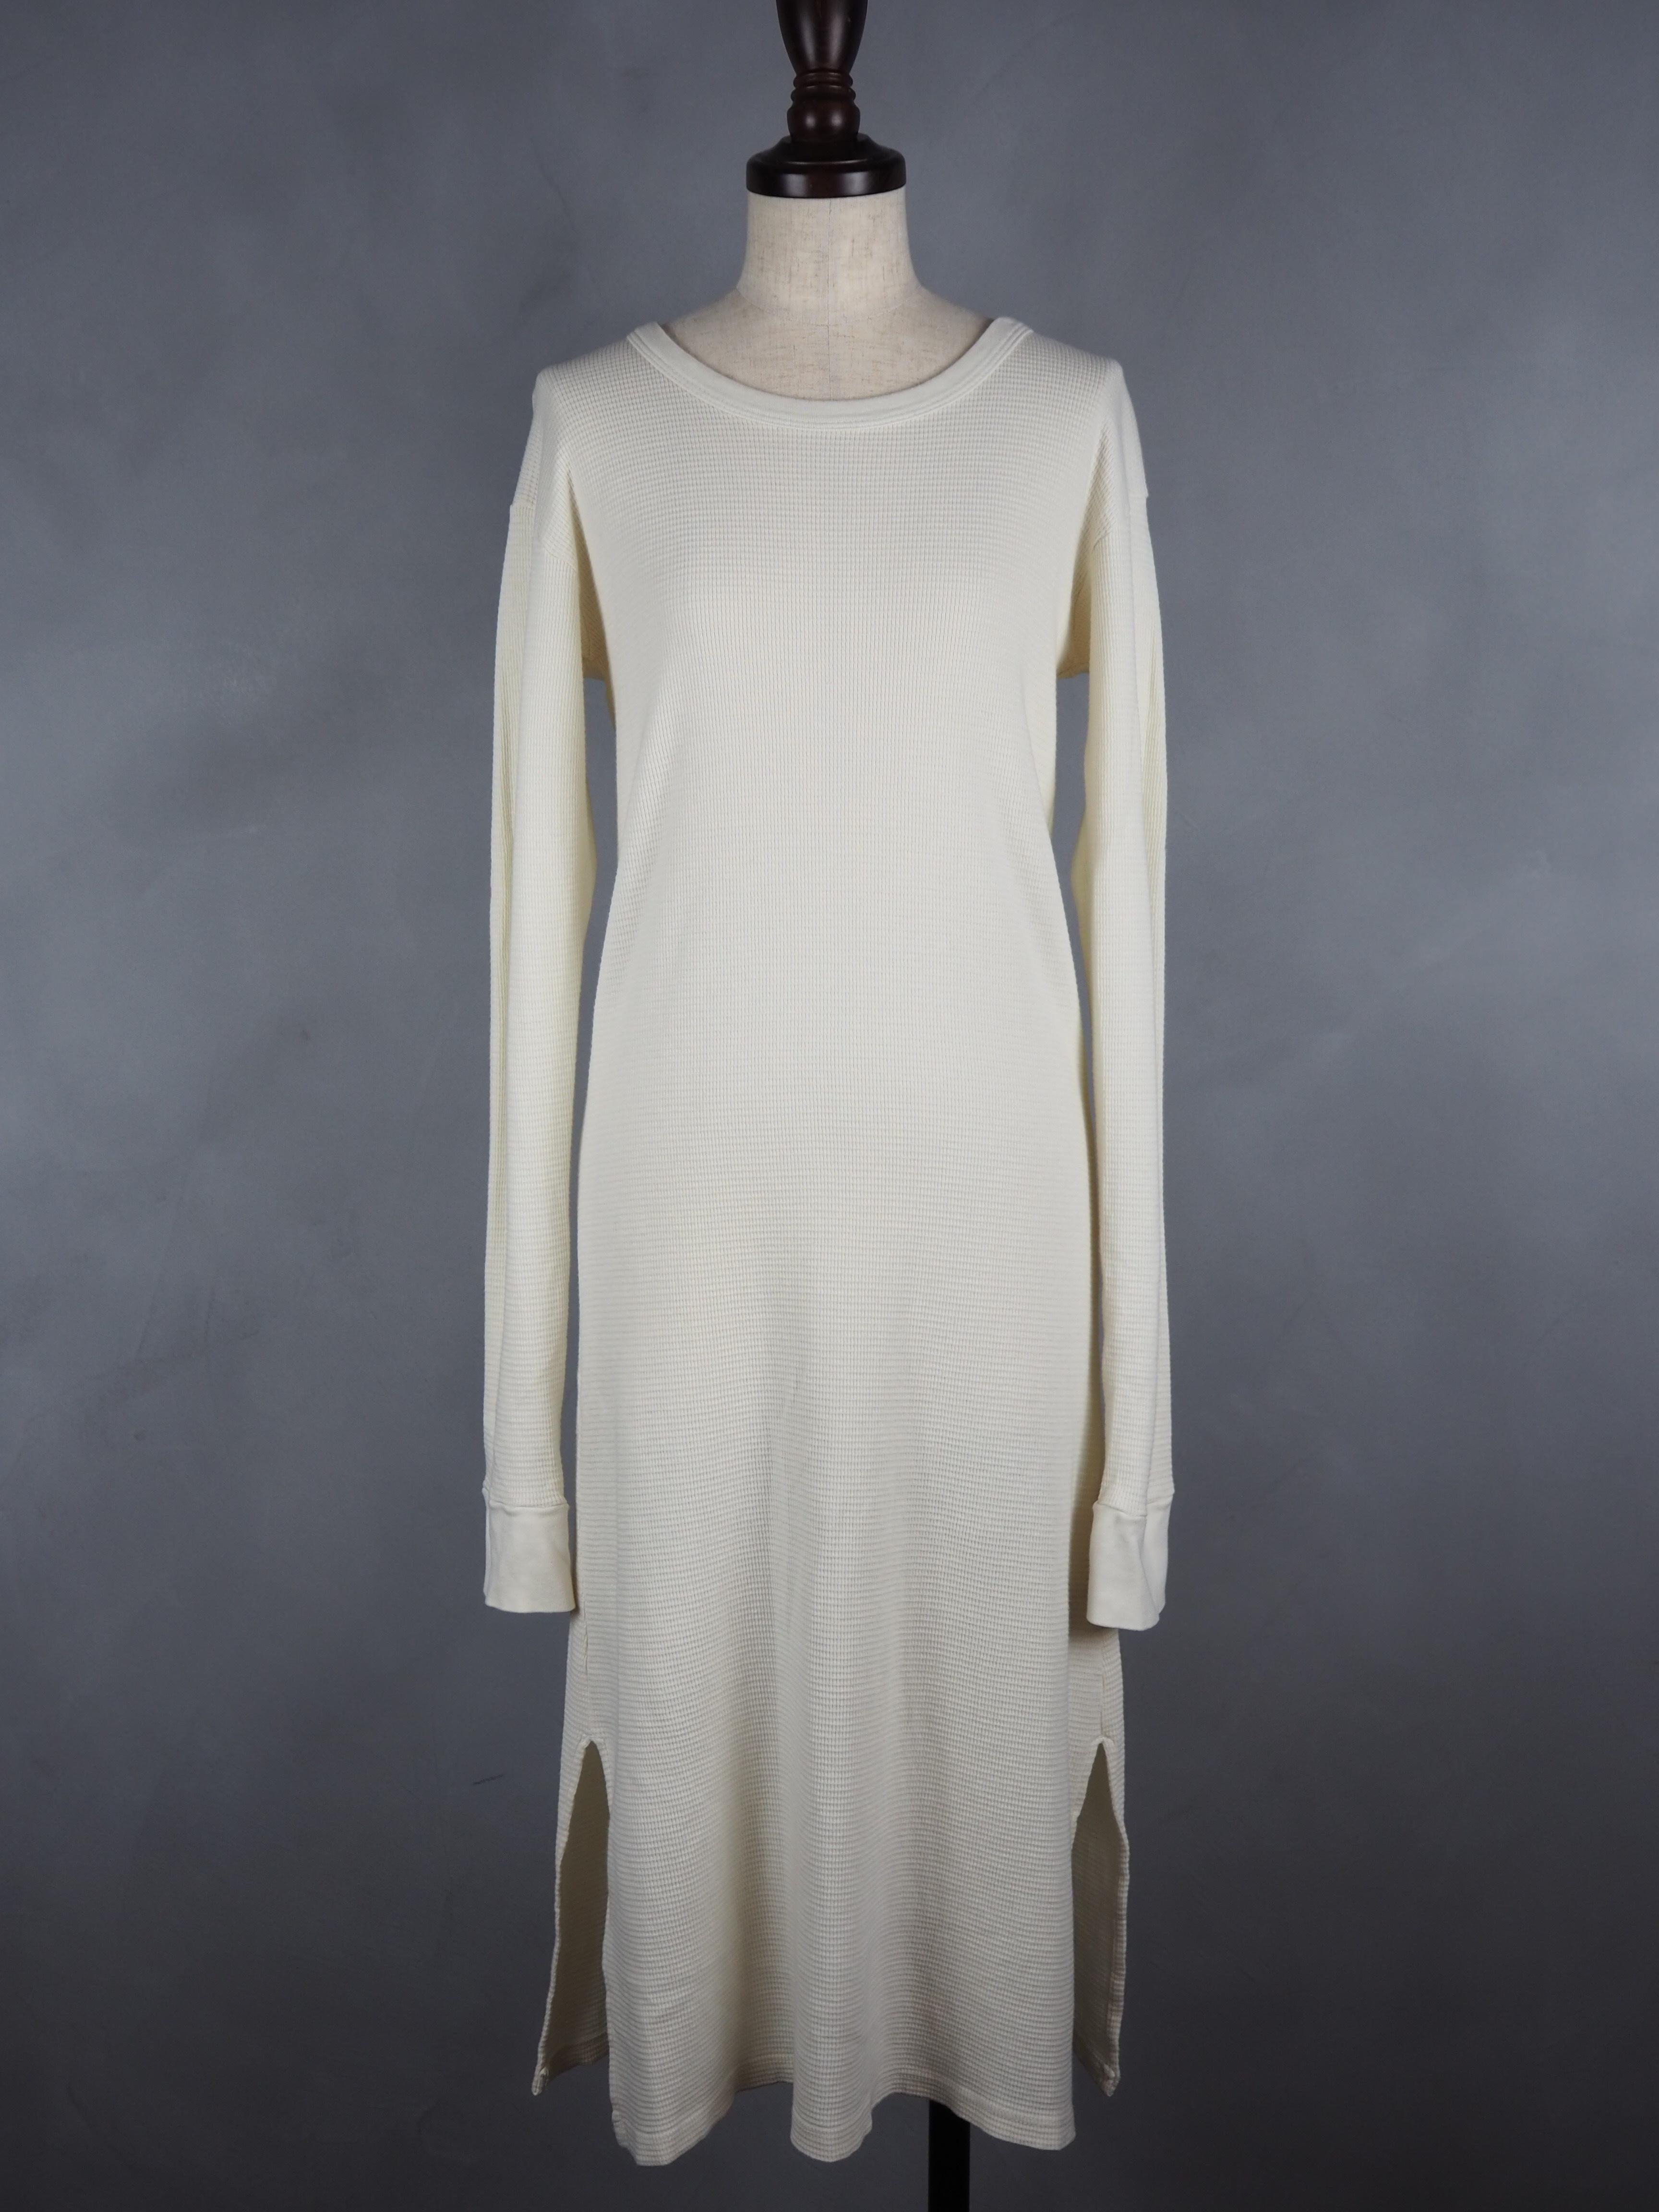 【CAL.Berries®︎】NIGHTY NIGHT DRESS